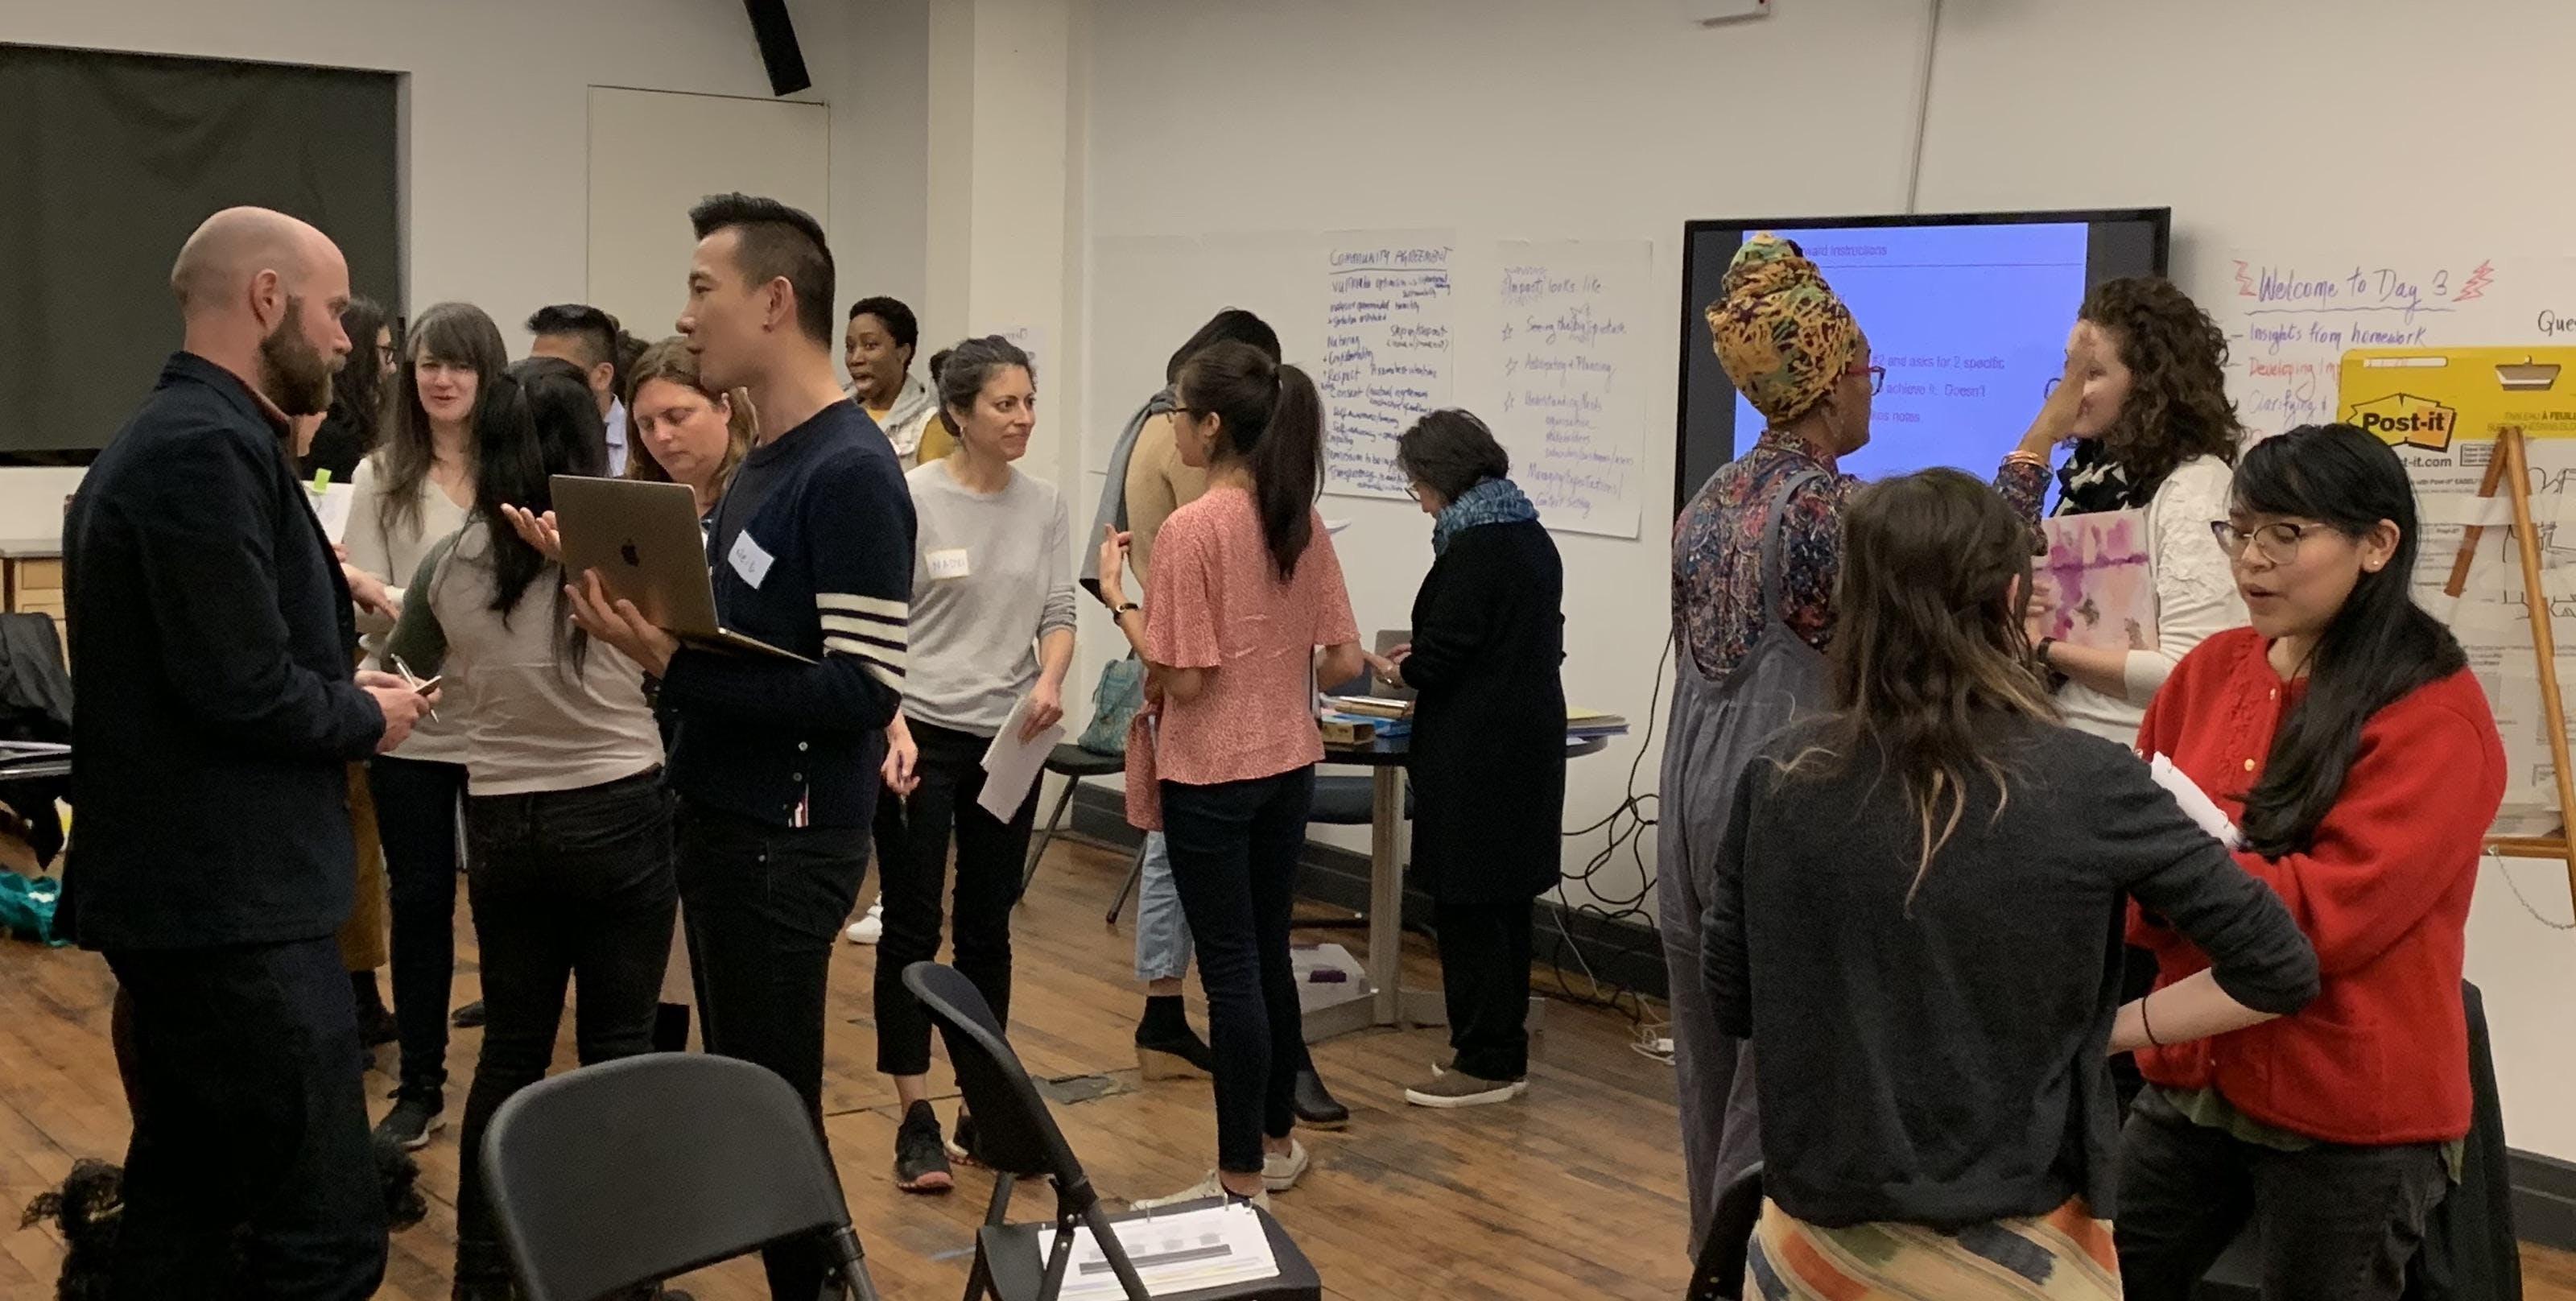 NYFA Arts Administrator Meet Up in Syracuse, NY